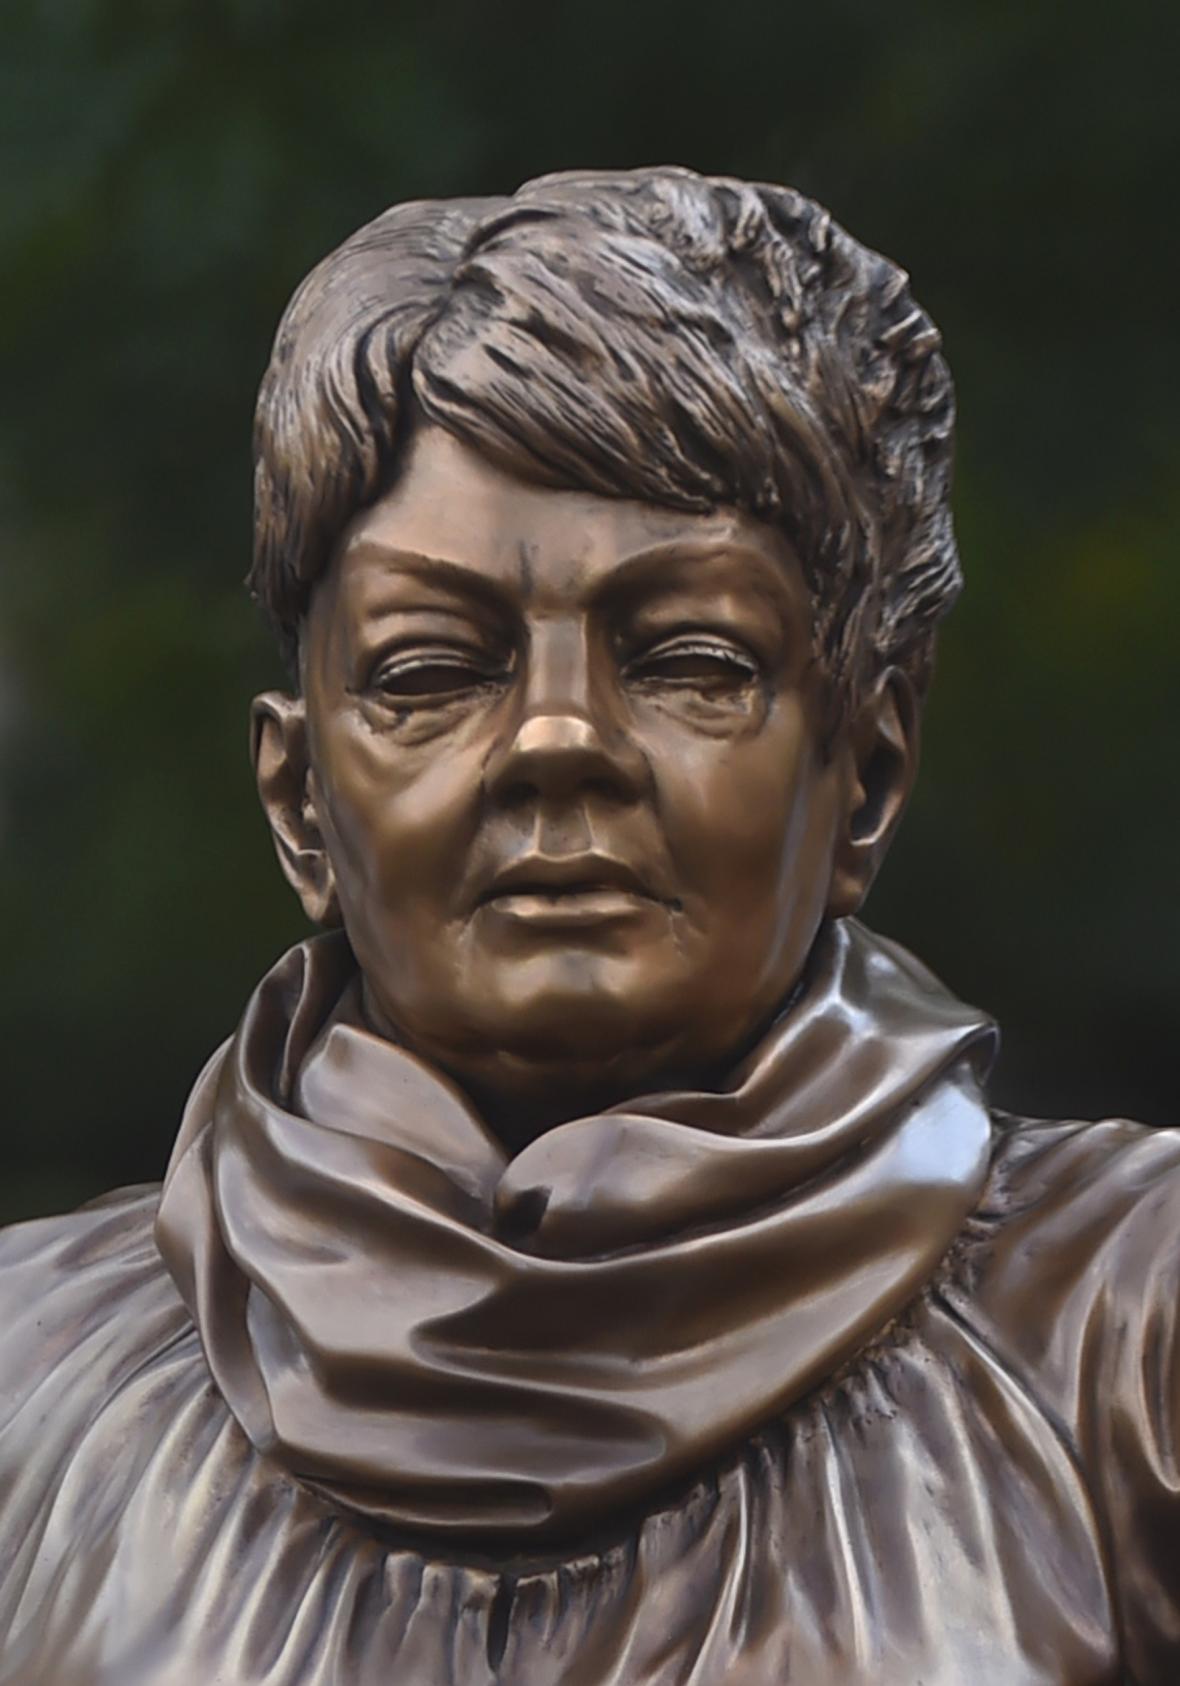 Kritici tvrdí, že socha není zpěvačce vůbec podobná